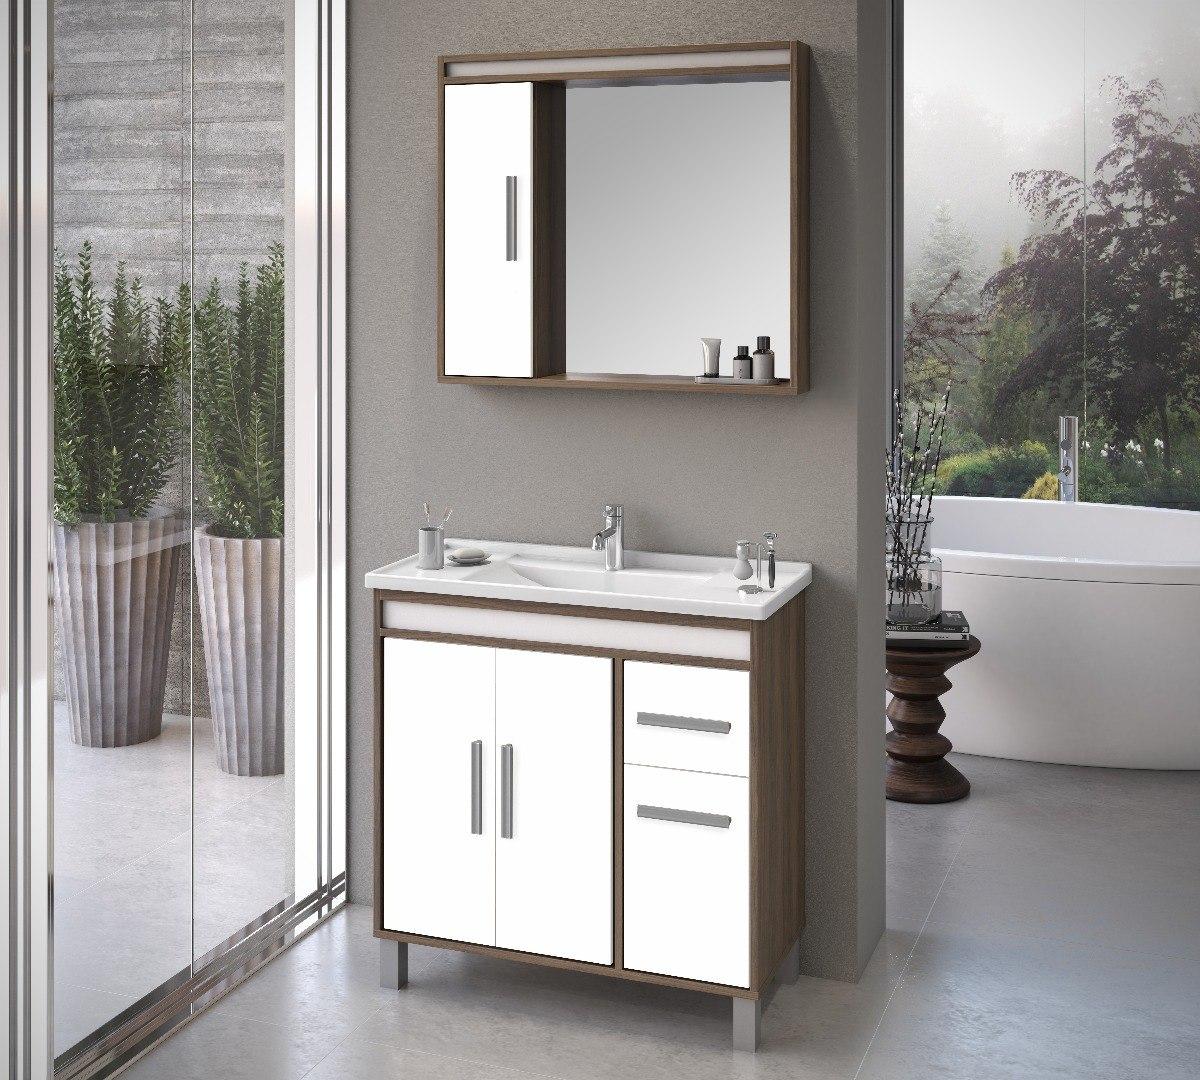 Arm rio de banheiro p s e espelho monaco80 malaga moveis for Armario 80 cm